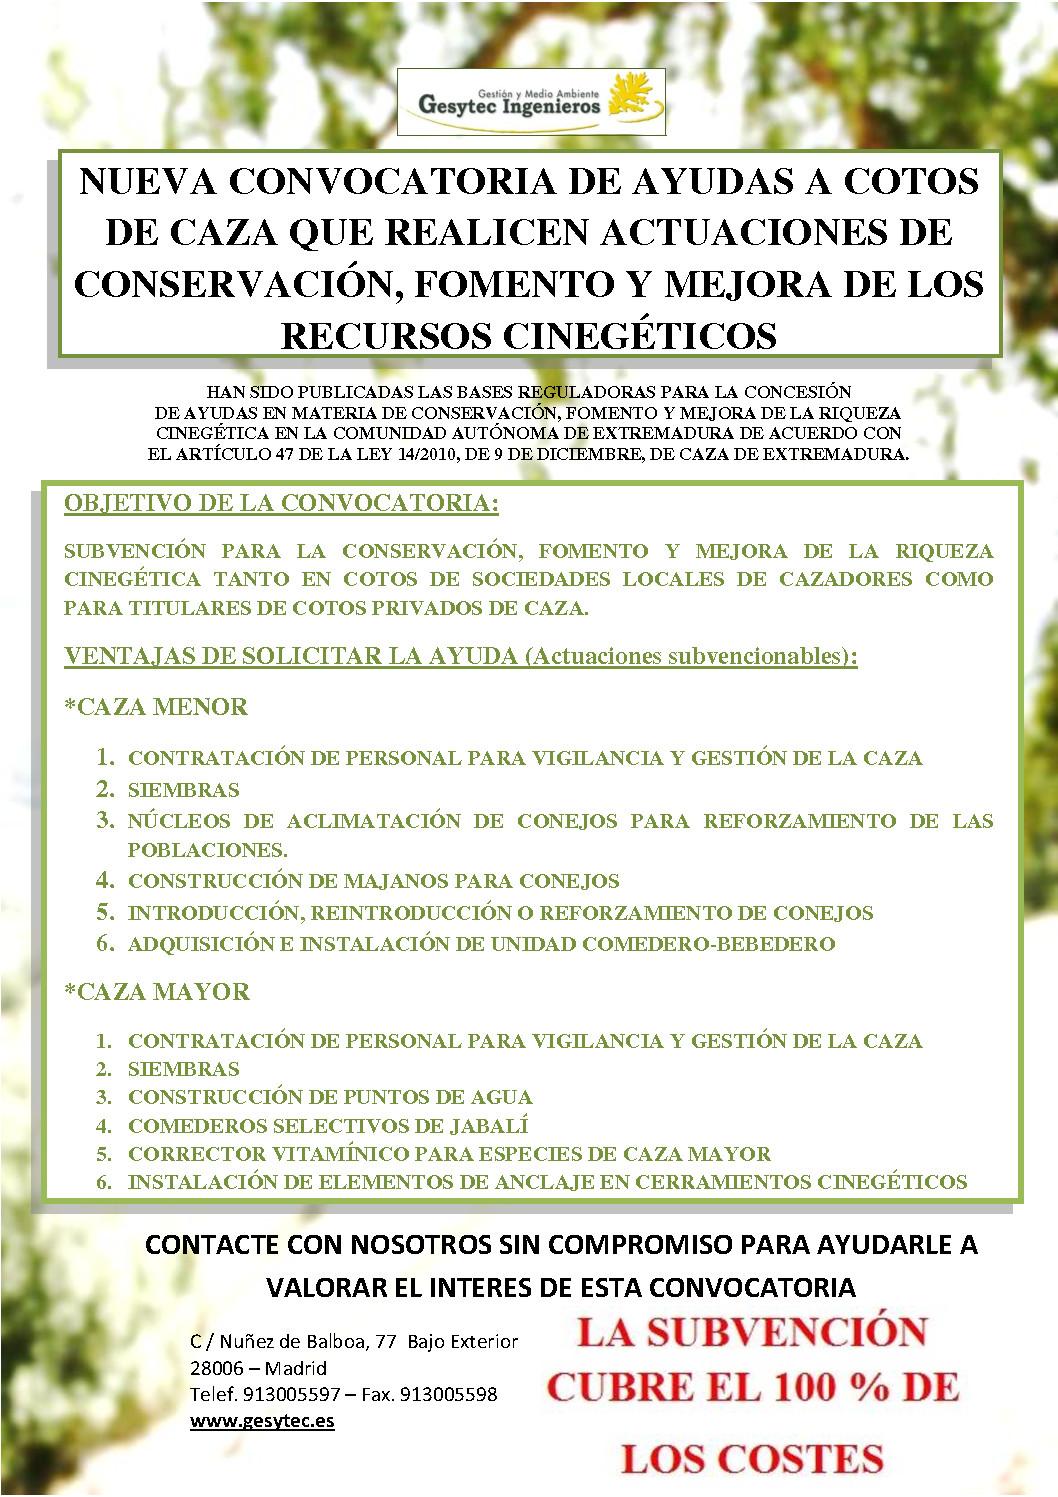 Ayudas a cotos de caza con actuaciones de conservación, fomento y mejora de los recursos cinegéticos en Extremadura